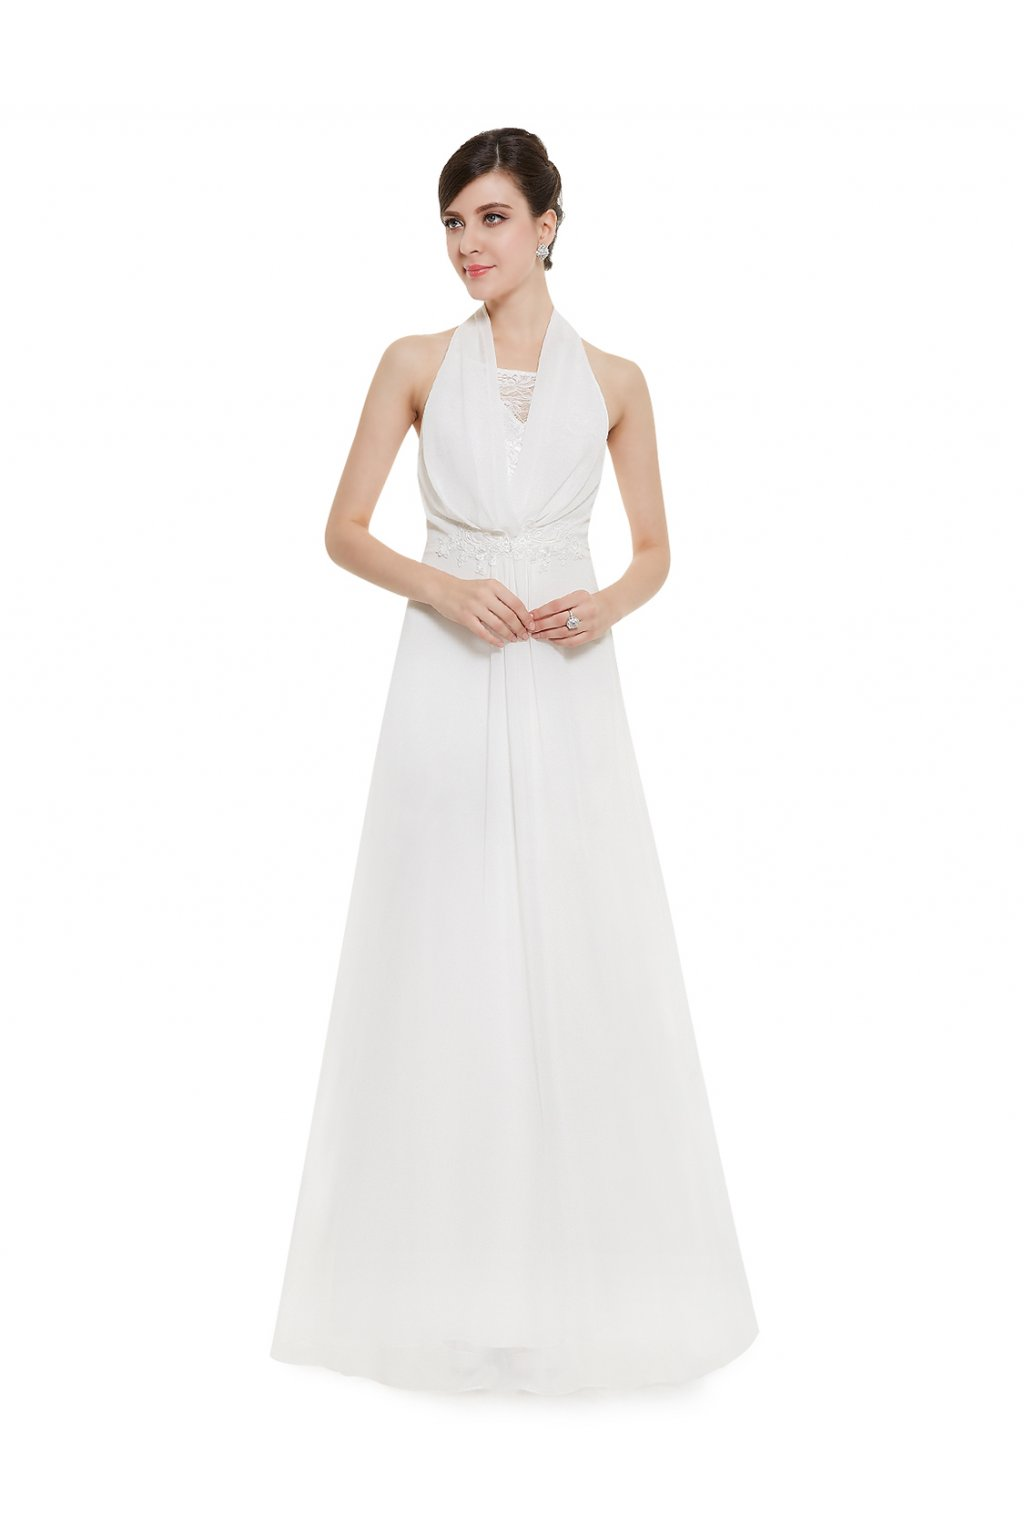 e850c8d7e740 ePretty.cz - prodej svatebních a společenských šatů